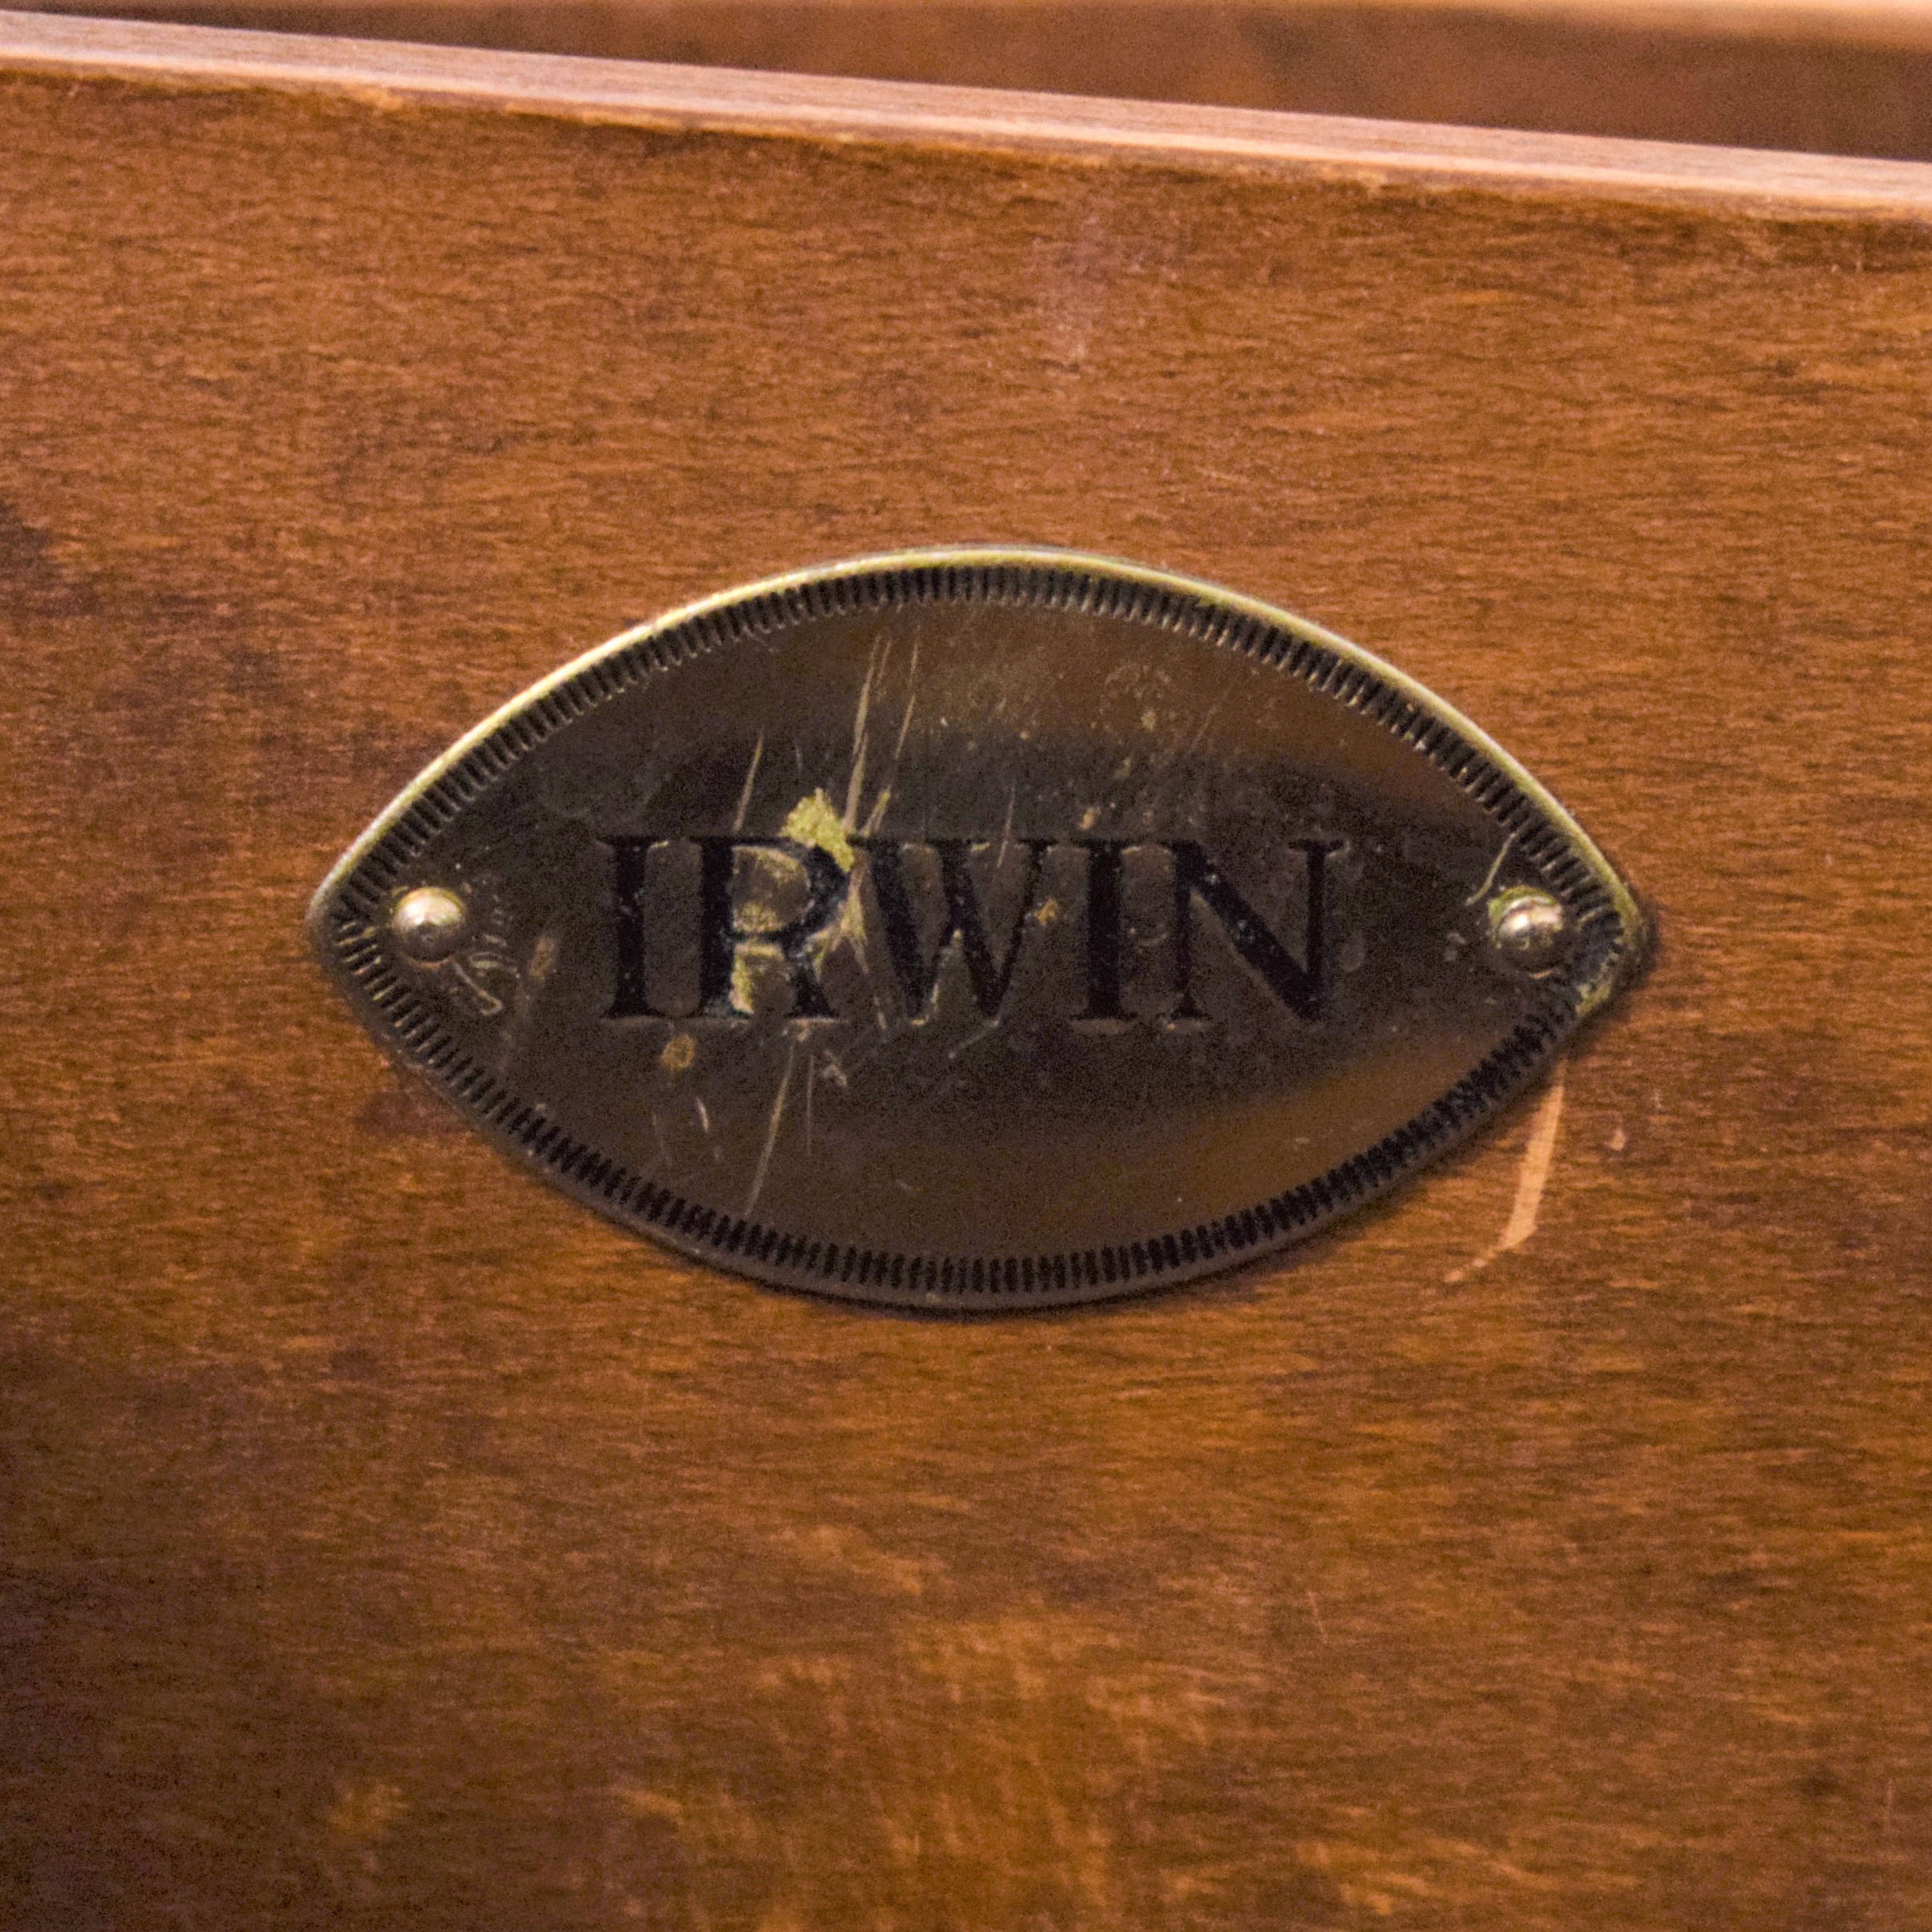 Irwin Irwin Sideboard Storage